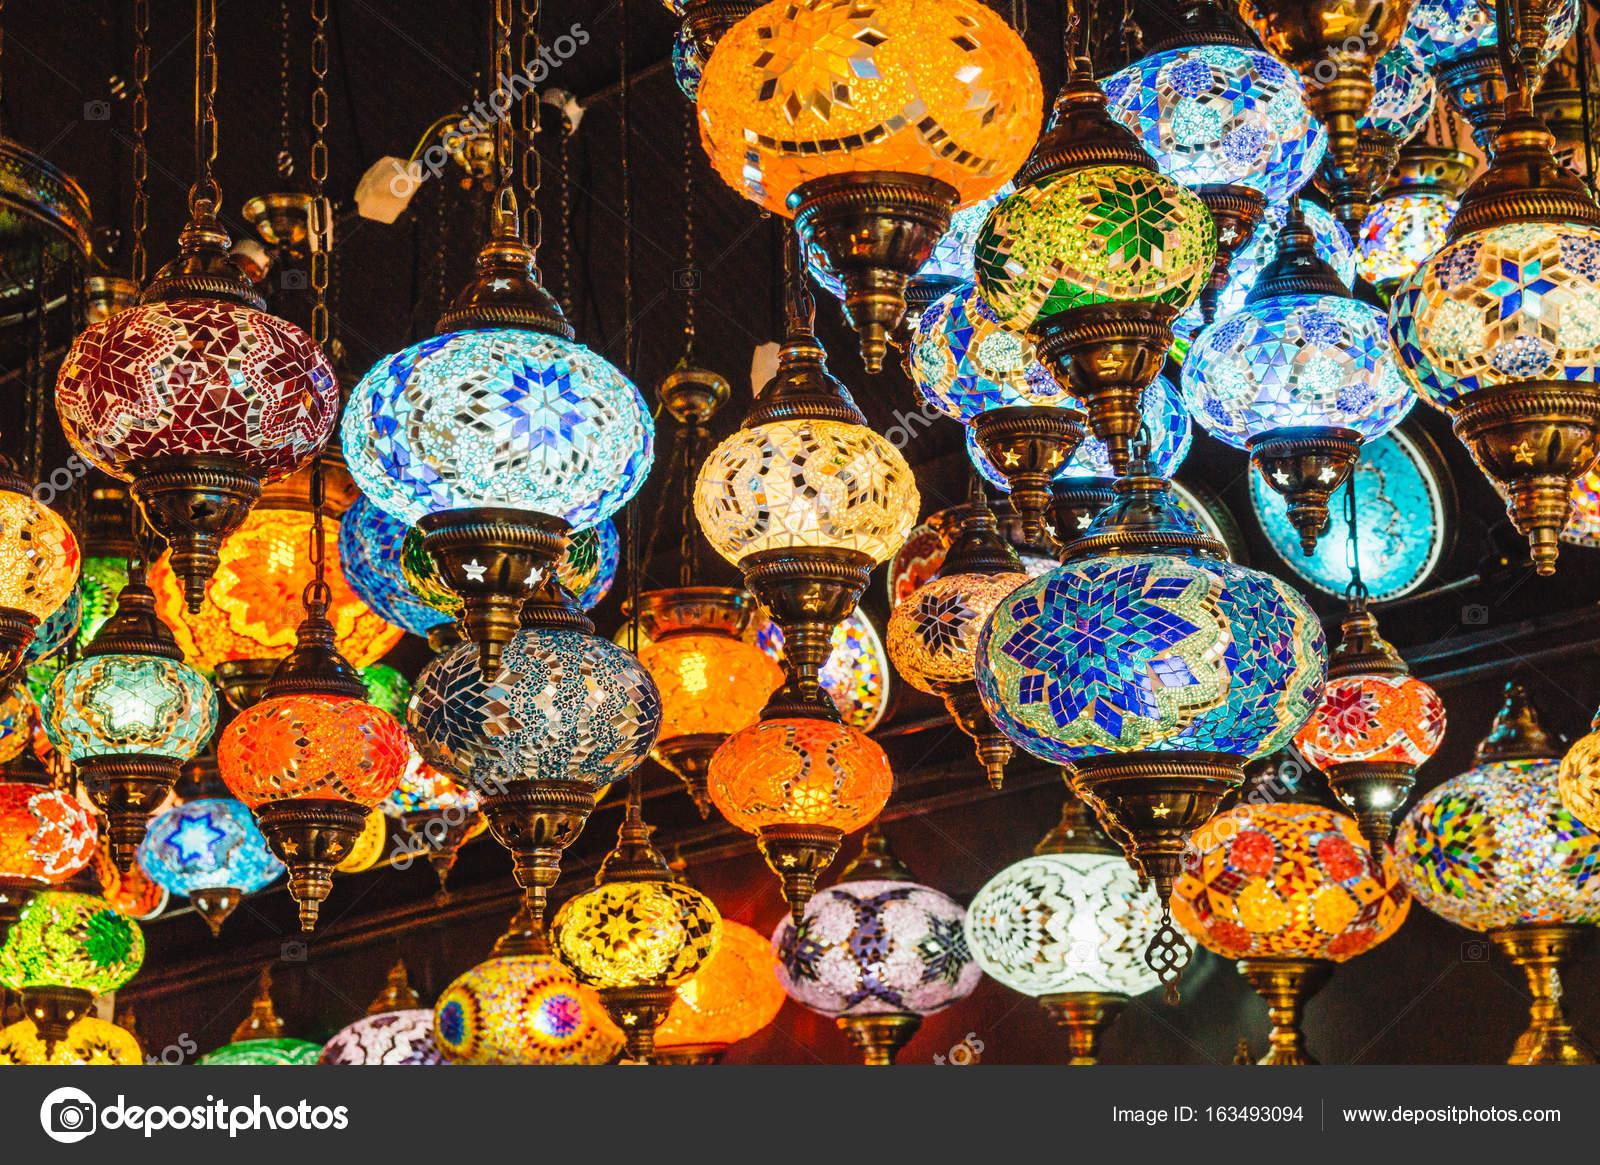 Marokkaanse Lampen Rotterdam : Marokkaanse lampen rotterdam lampen en verlichting voor binnen en